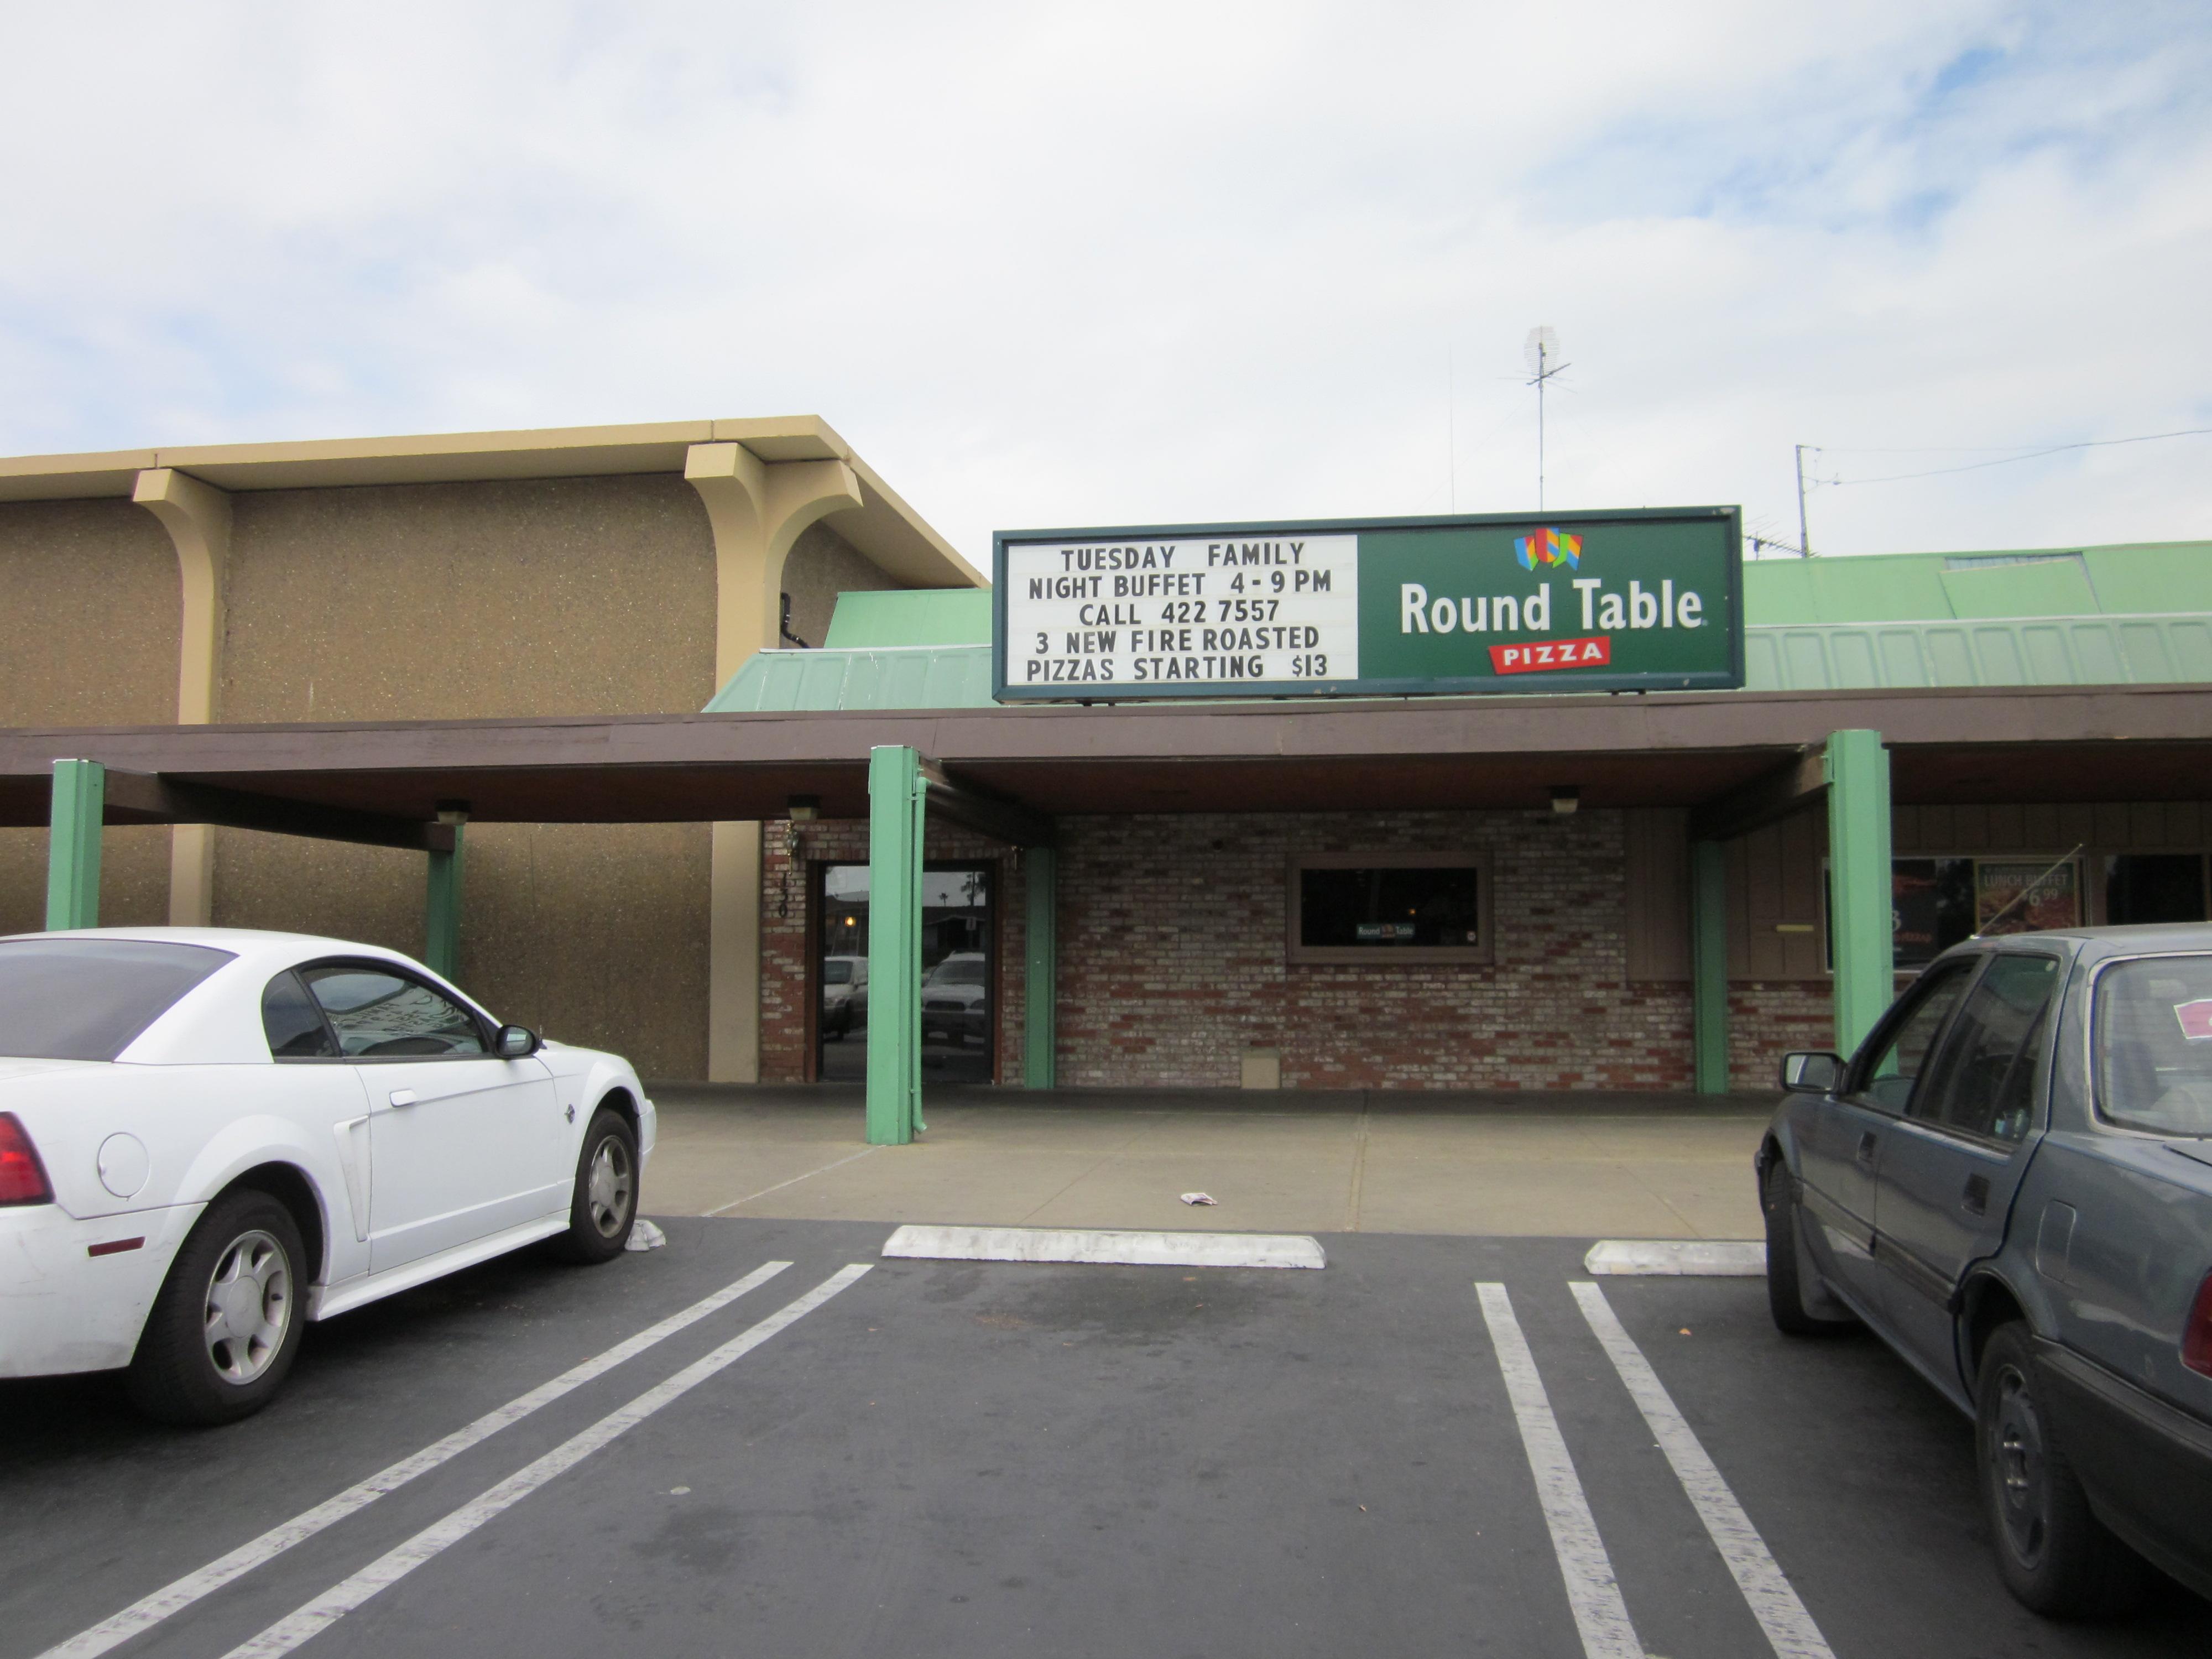 Round Table Pizza 1307 Florin Rd Sacramento Ca Image